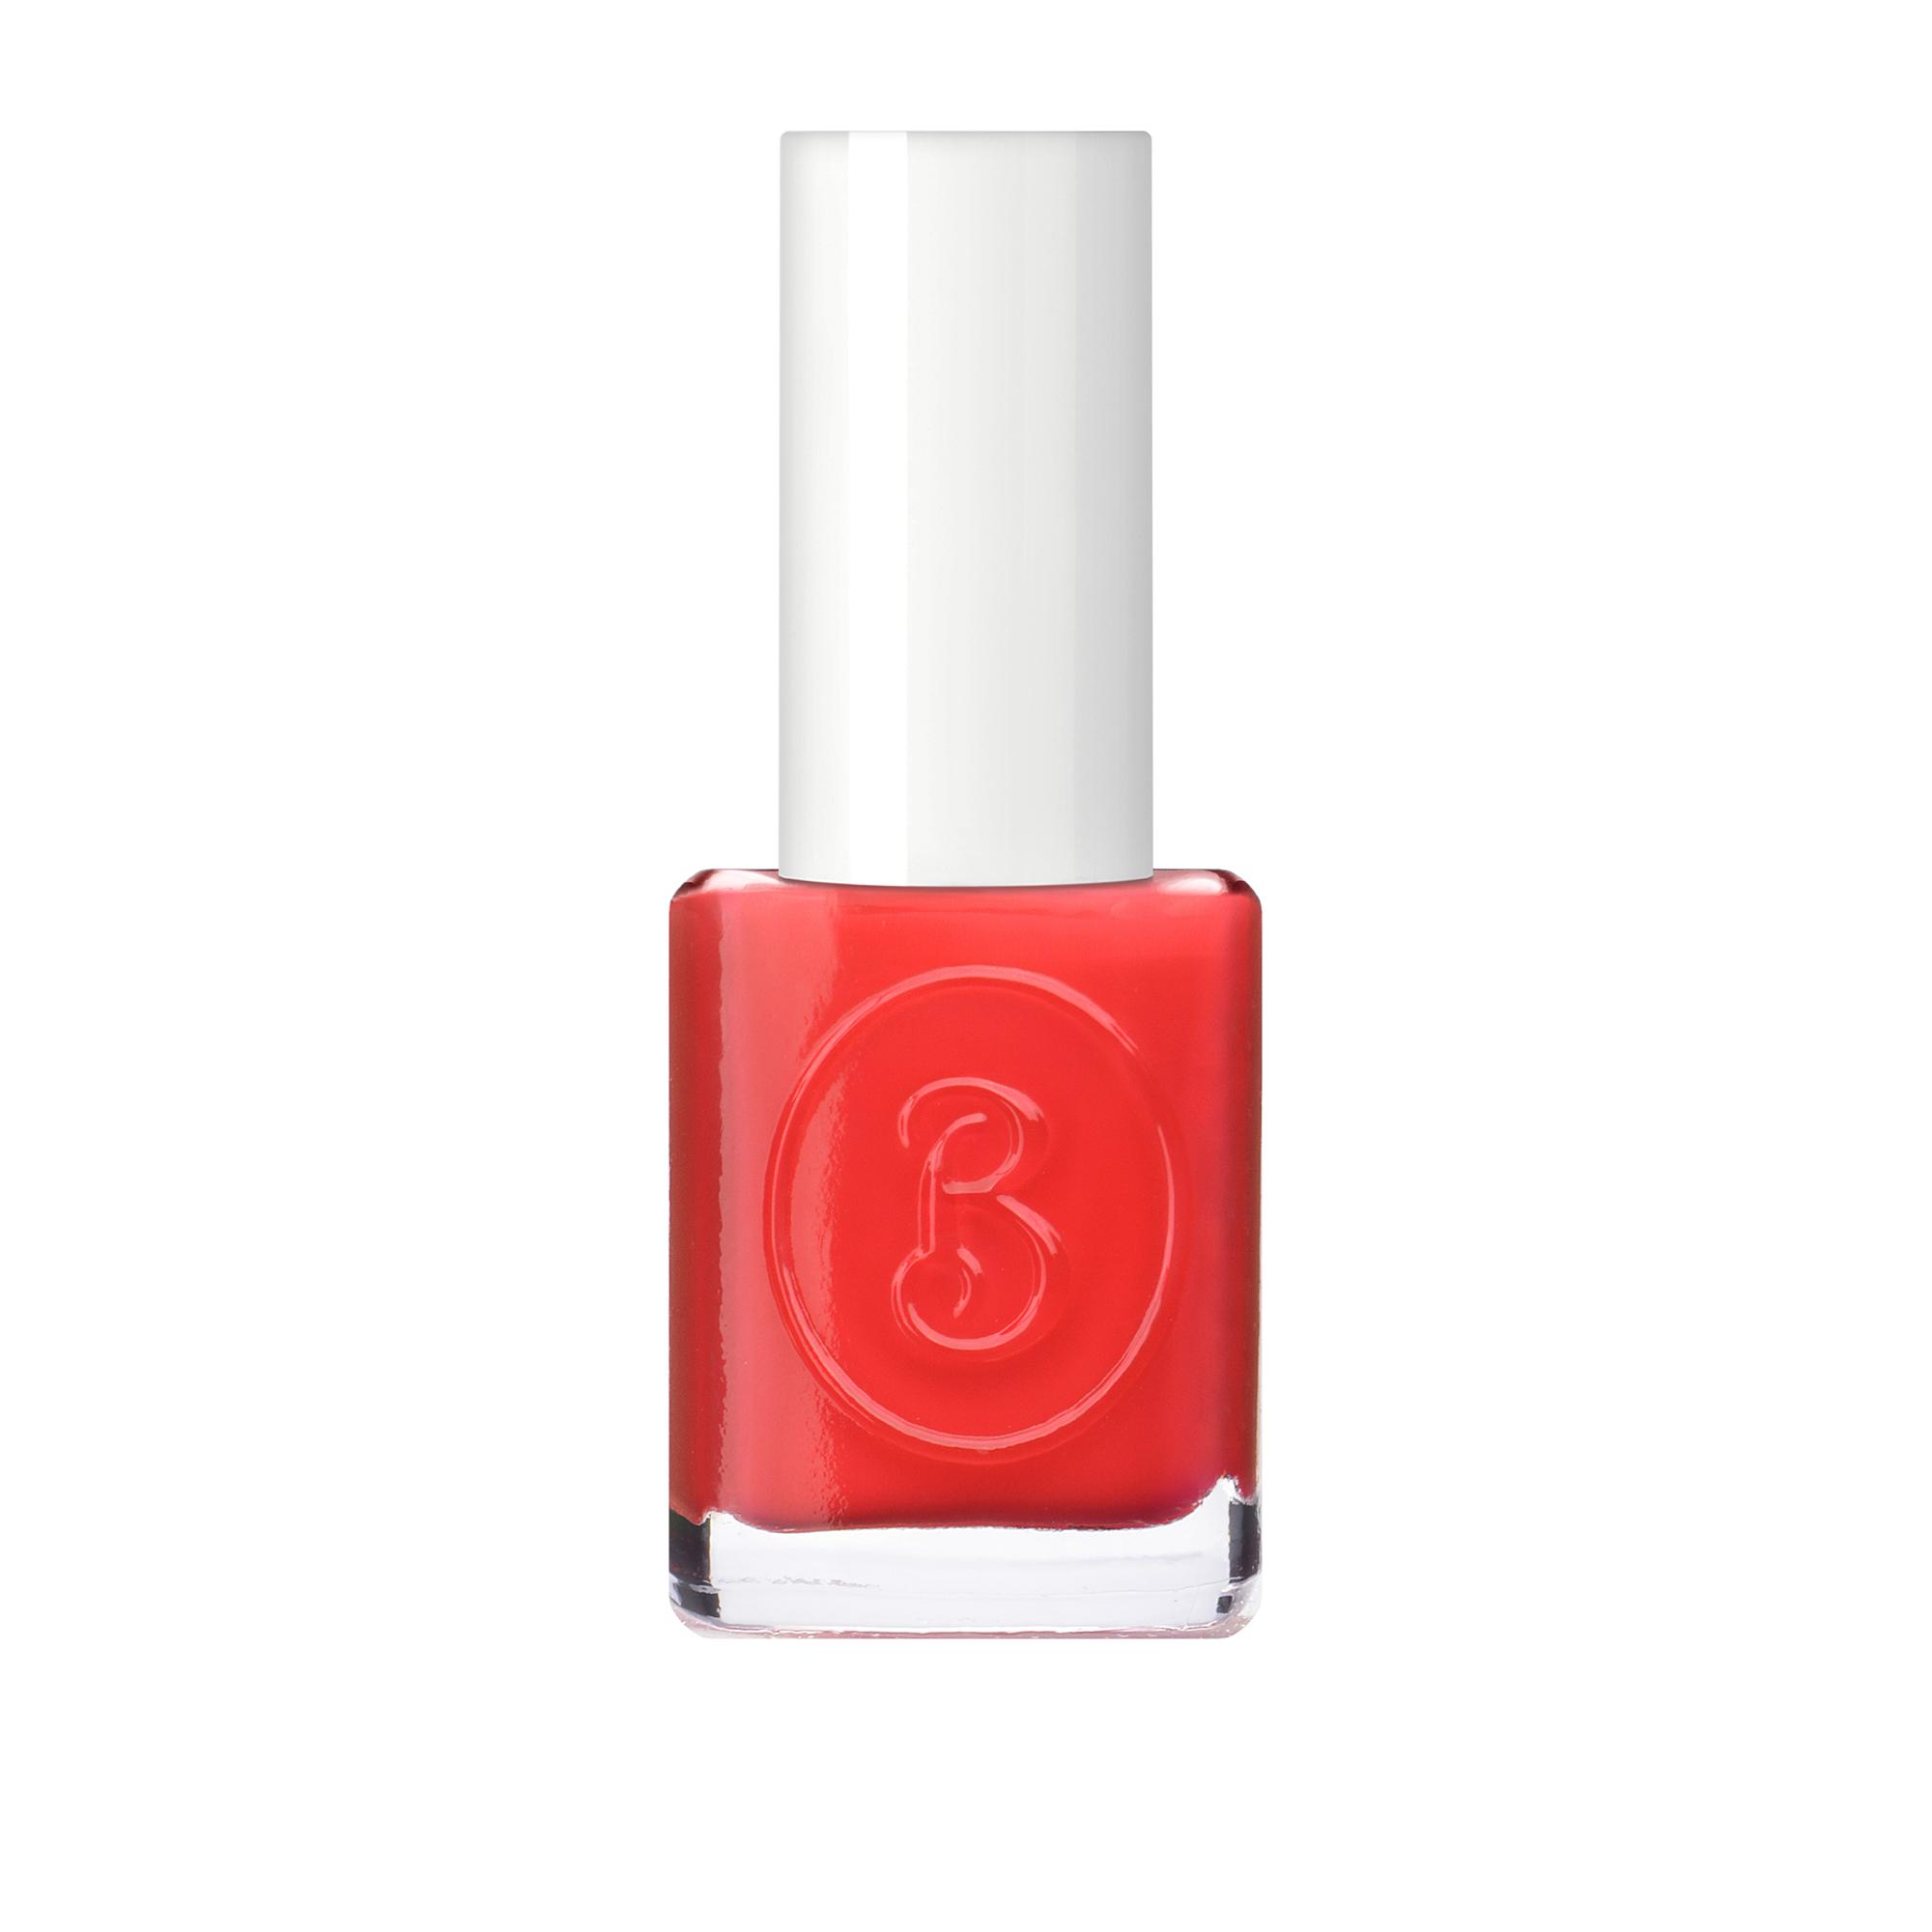 BERENICE 13 лак для ногтей, оранжево-красный / Orange red 16 мл тарелка декоративная с вашим текстом подарок от путина